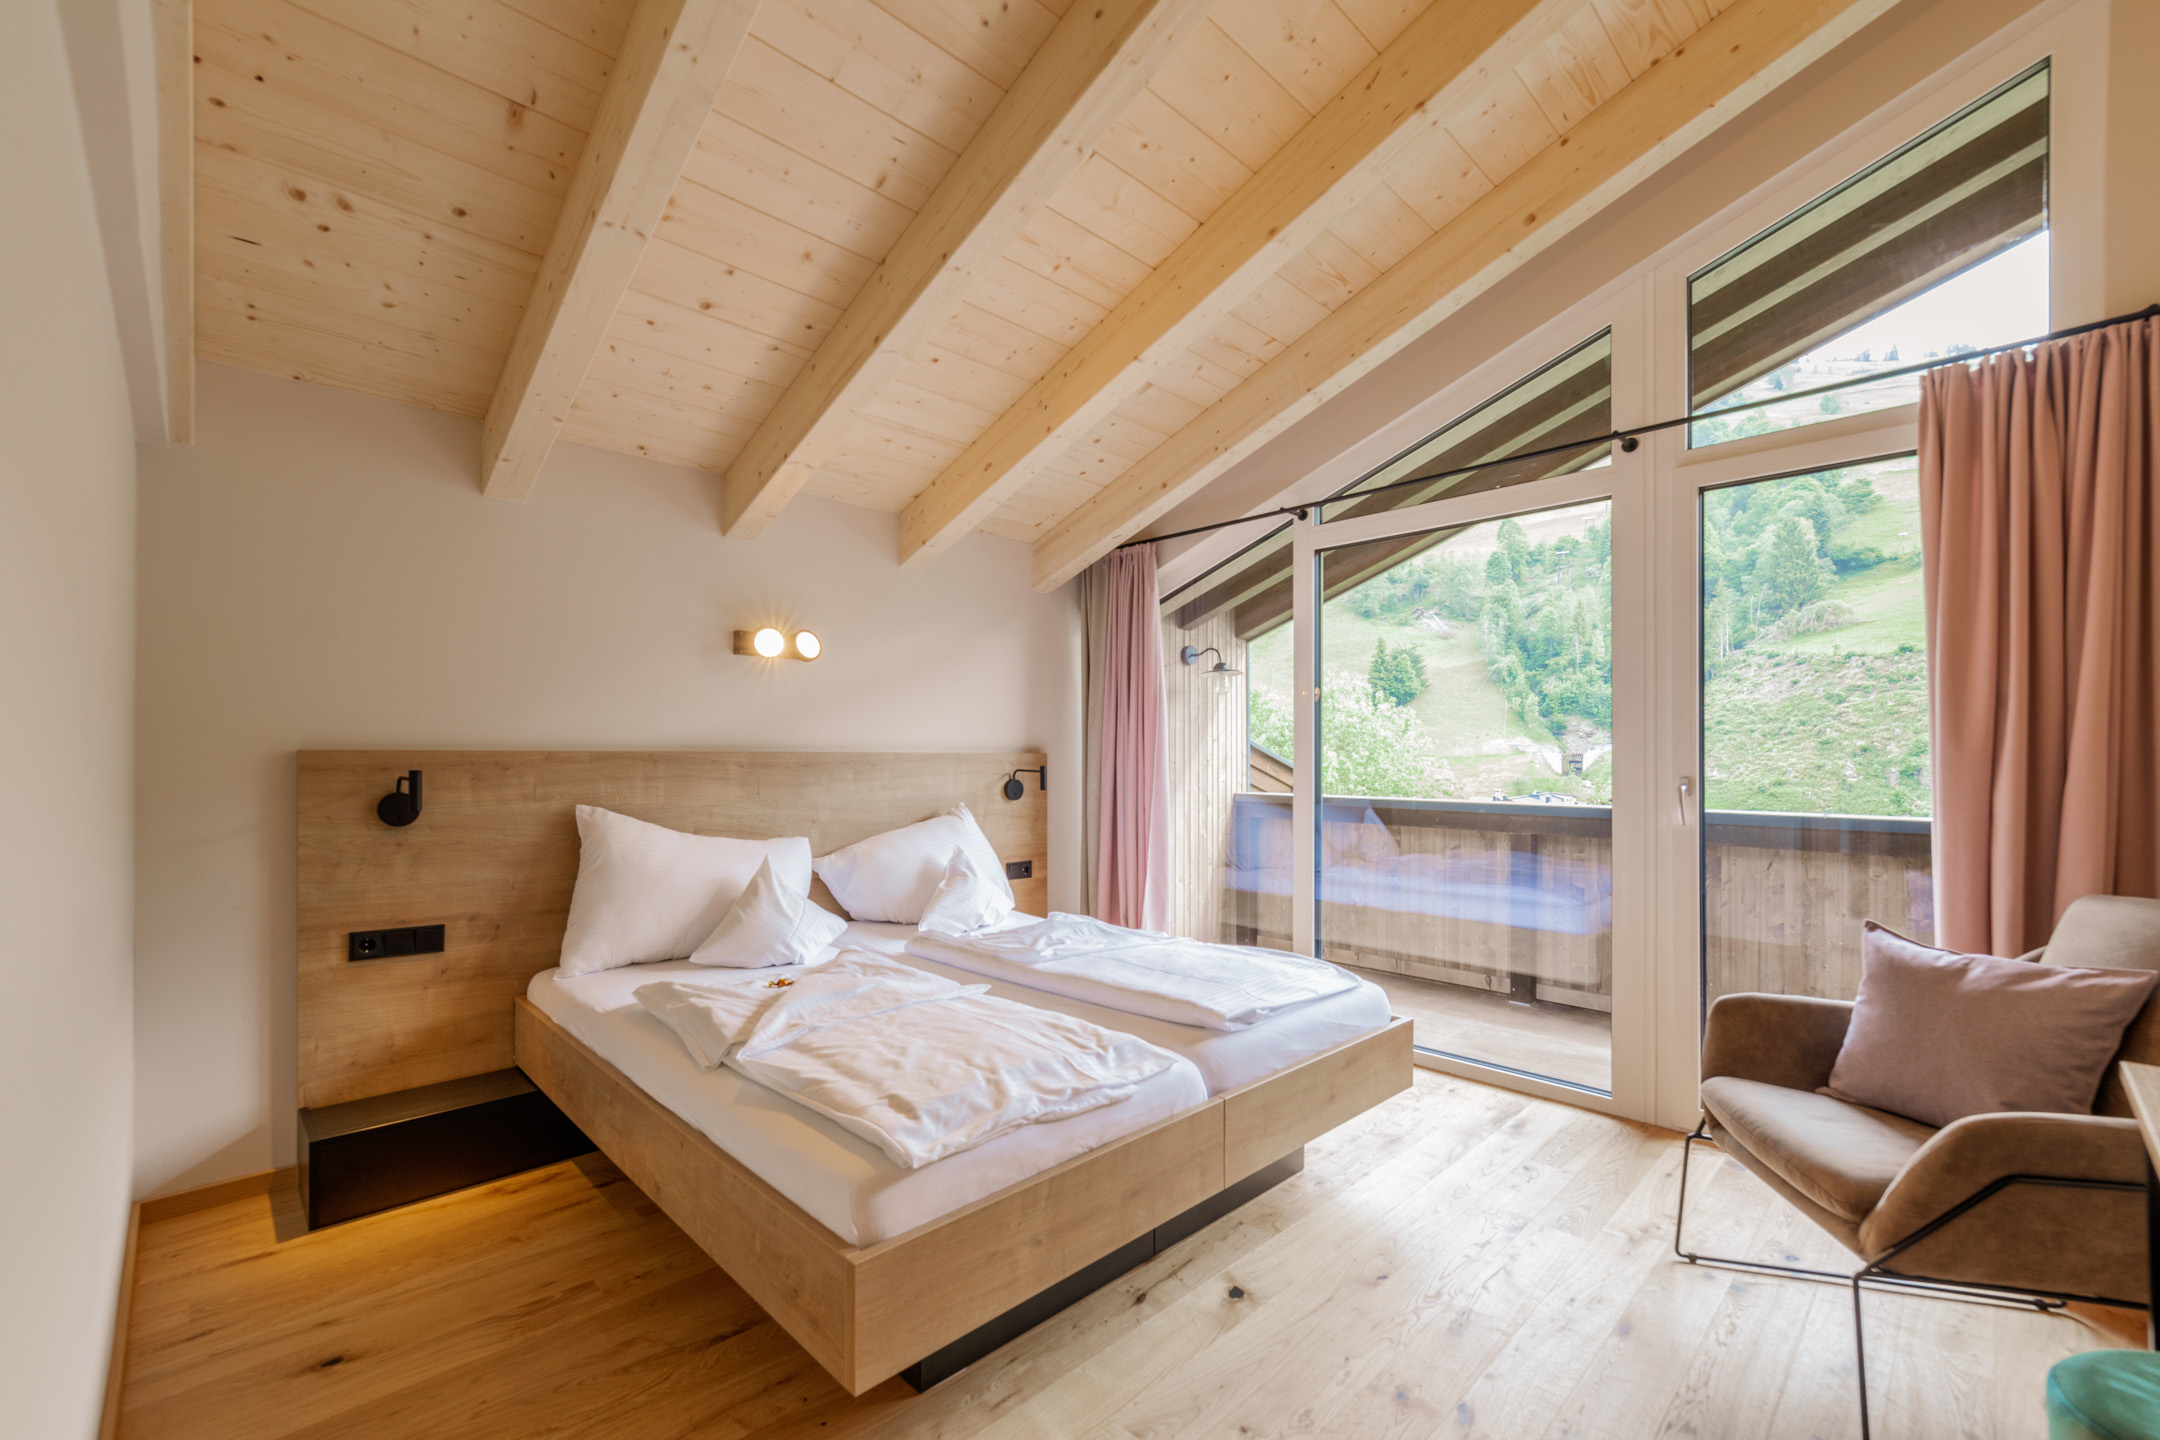 Bergblick im Designhotel Haus Jausern, luxuriöse Ausstattung und natürliche Materialien. Poolblick